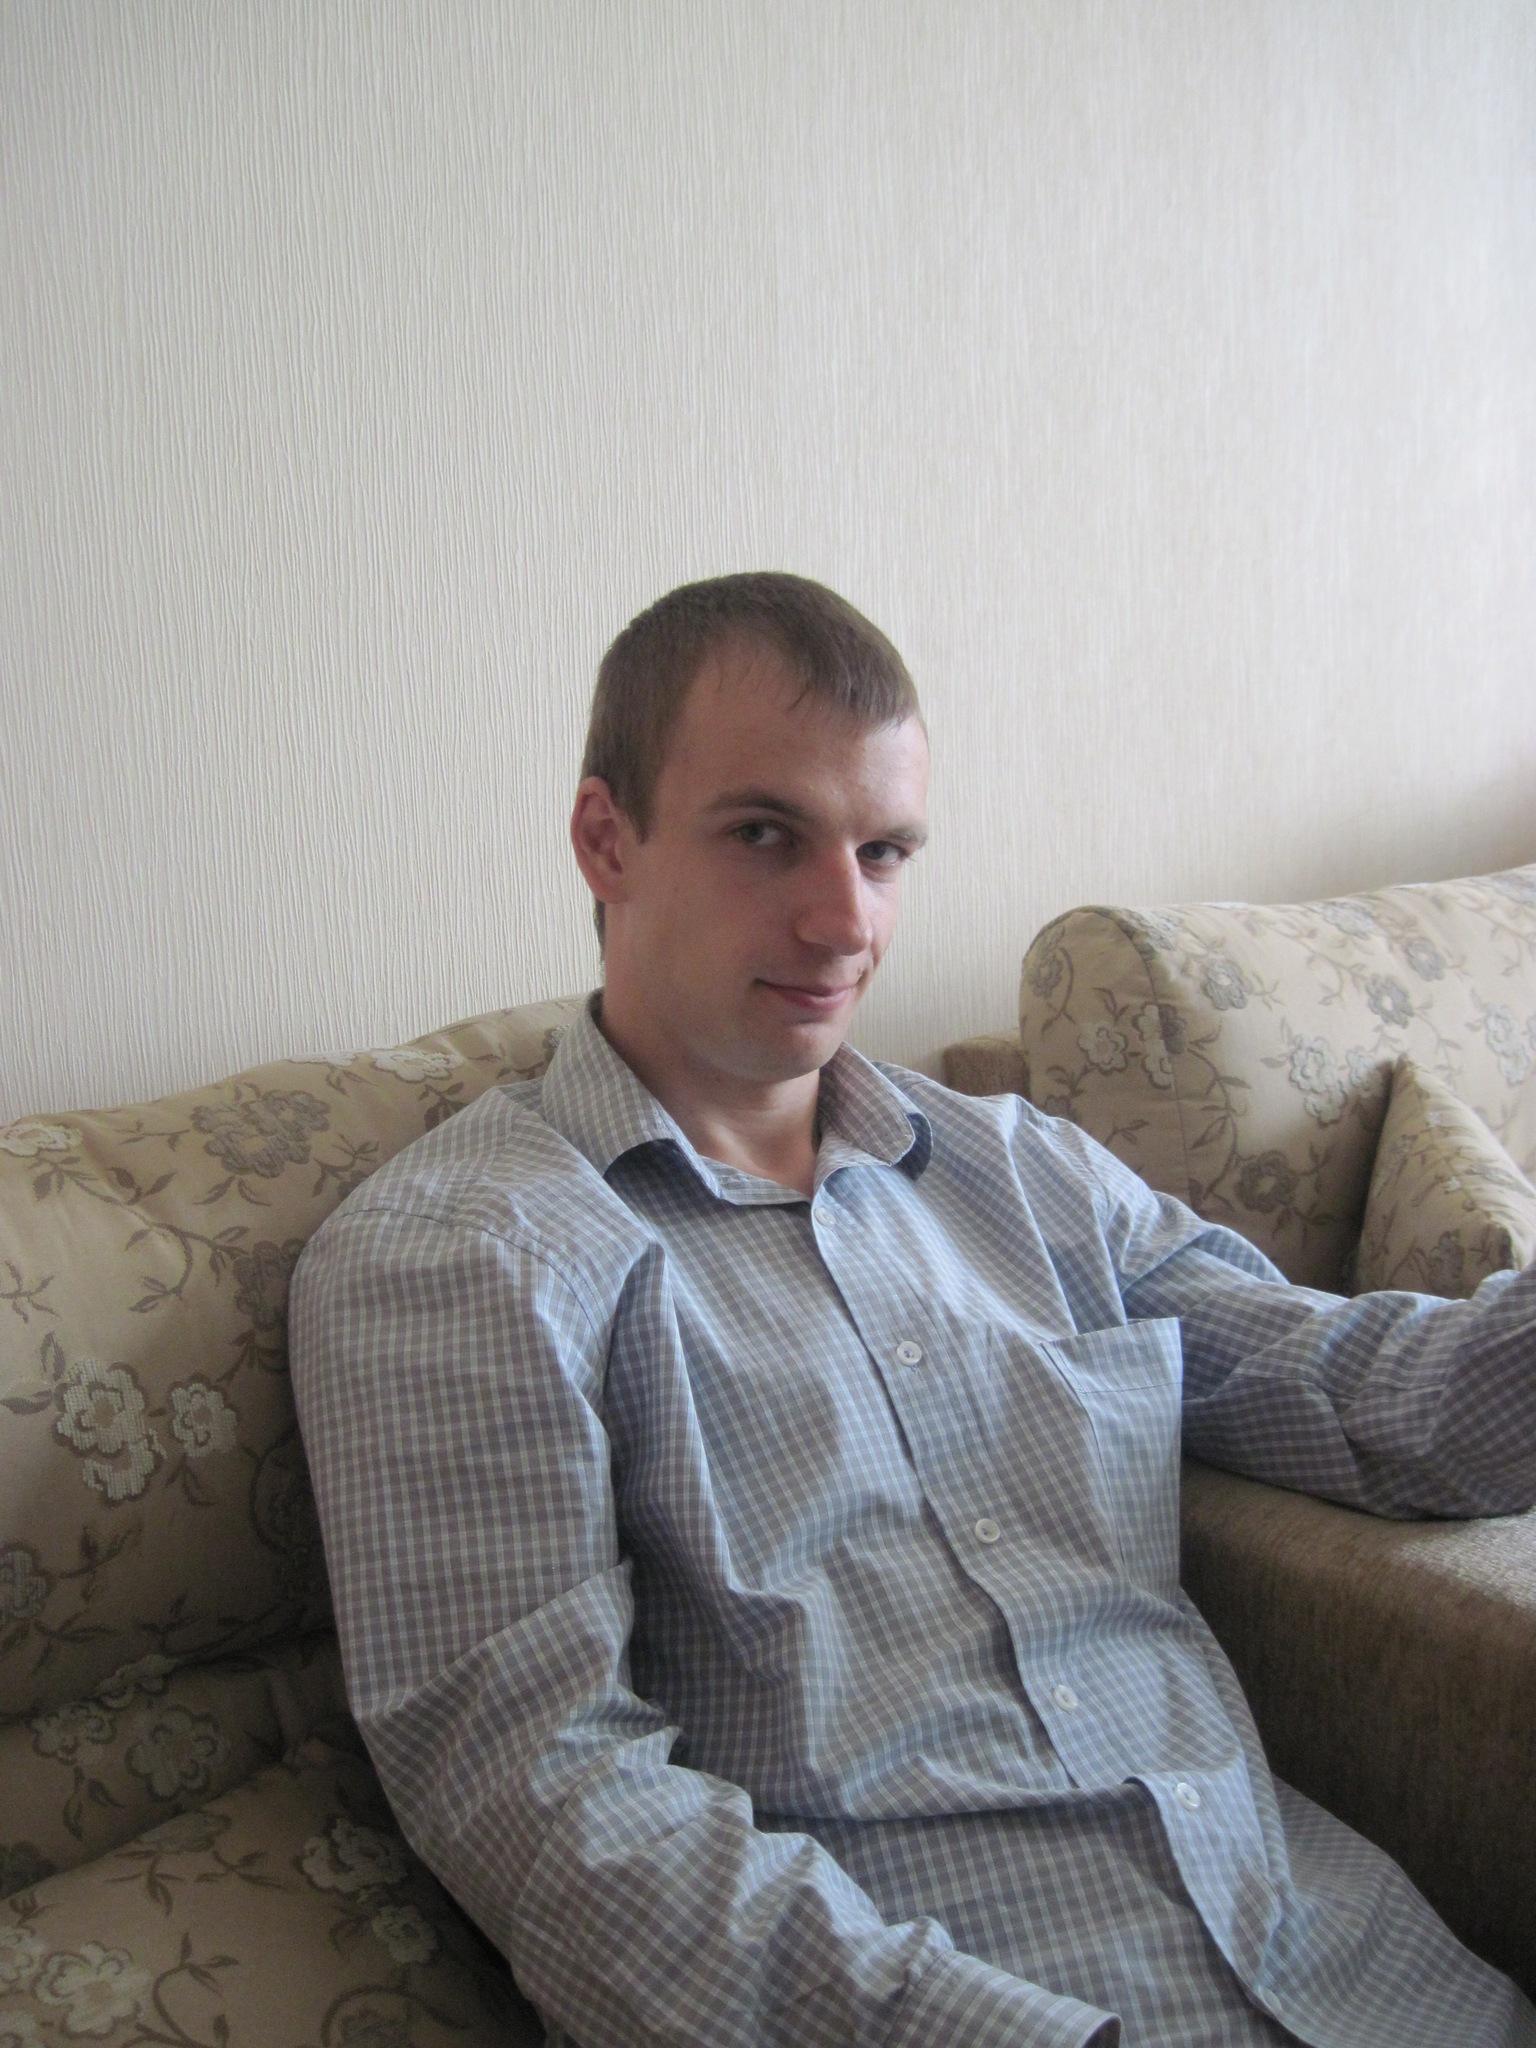 павел кузнечевский фото кляре популярнейшая